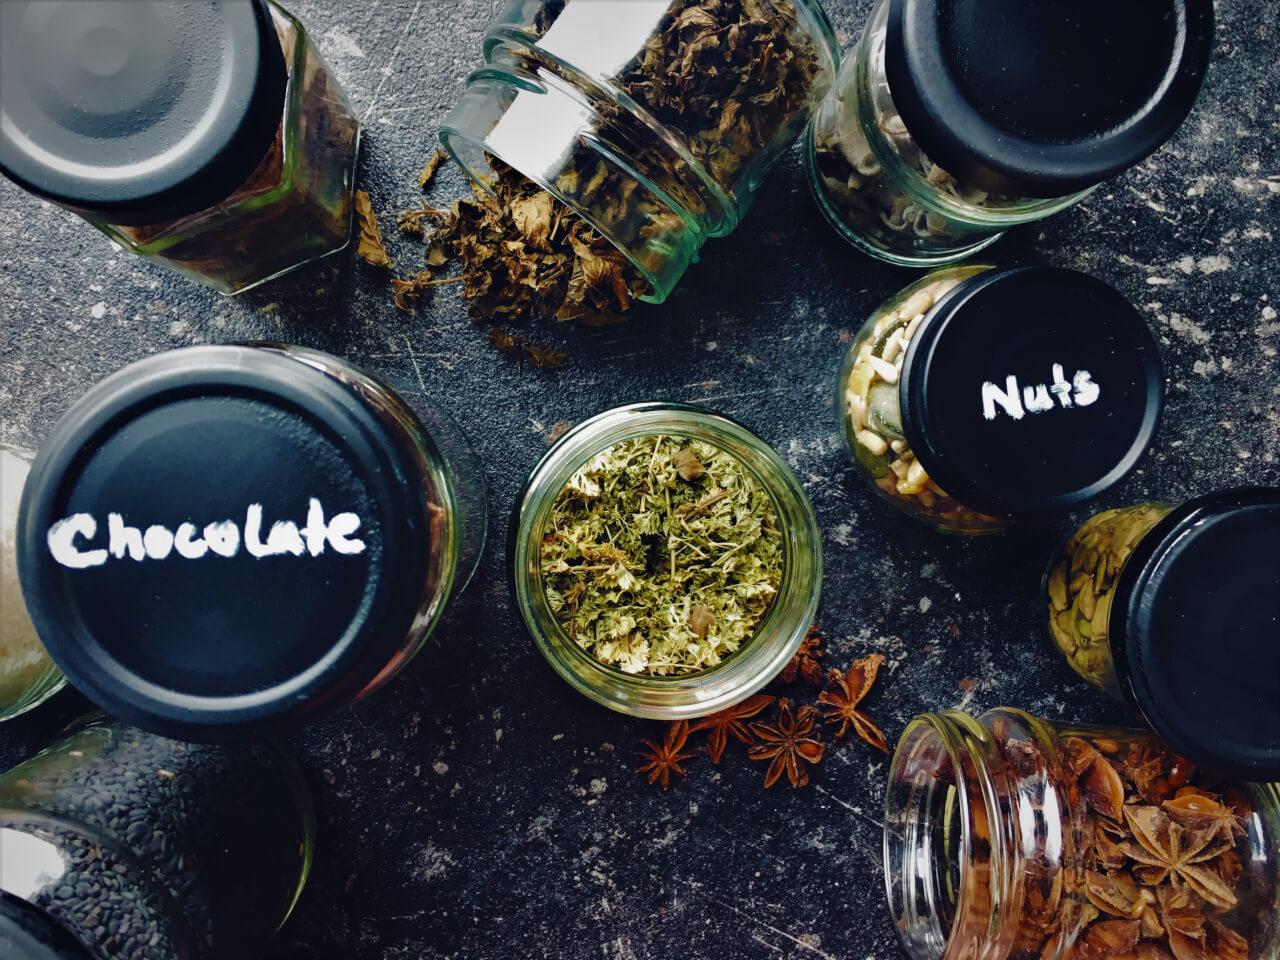 p2 - Wie verwandelt man Einmachgläser in praktische Küchenhelfer?